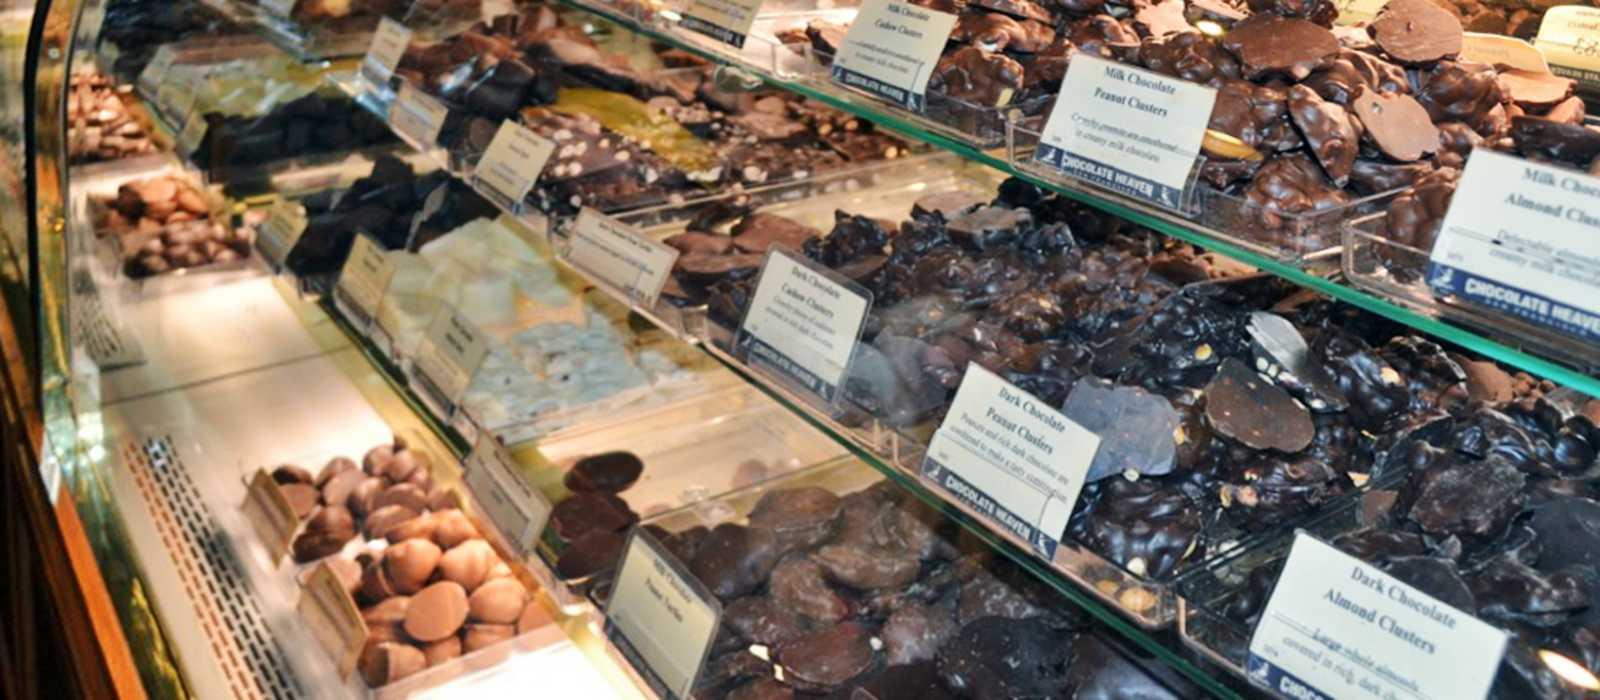 Schokolade aus der Frischetheke